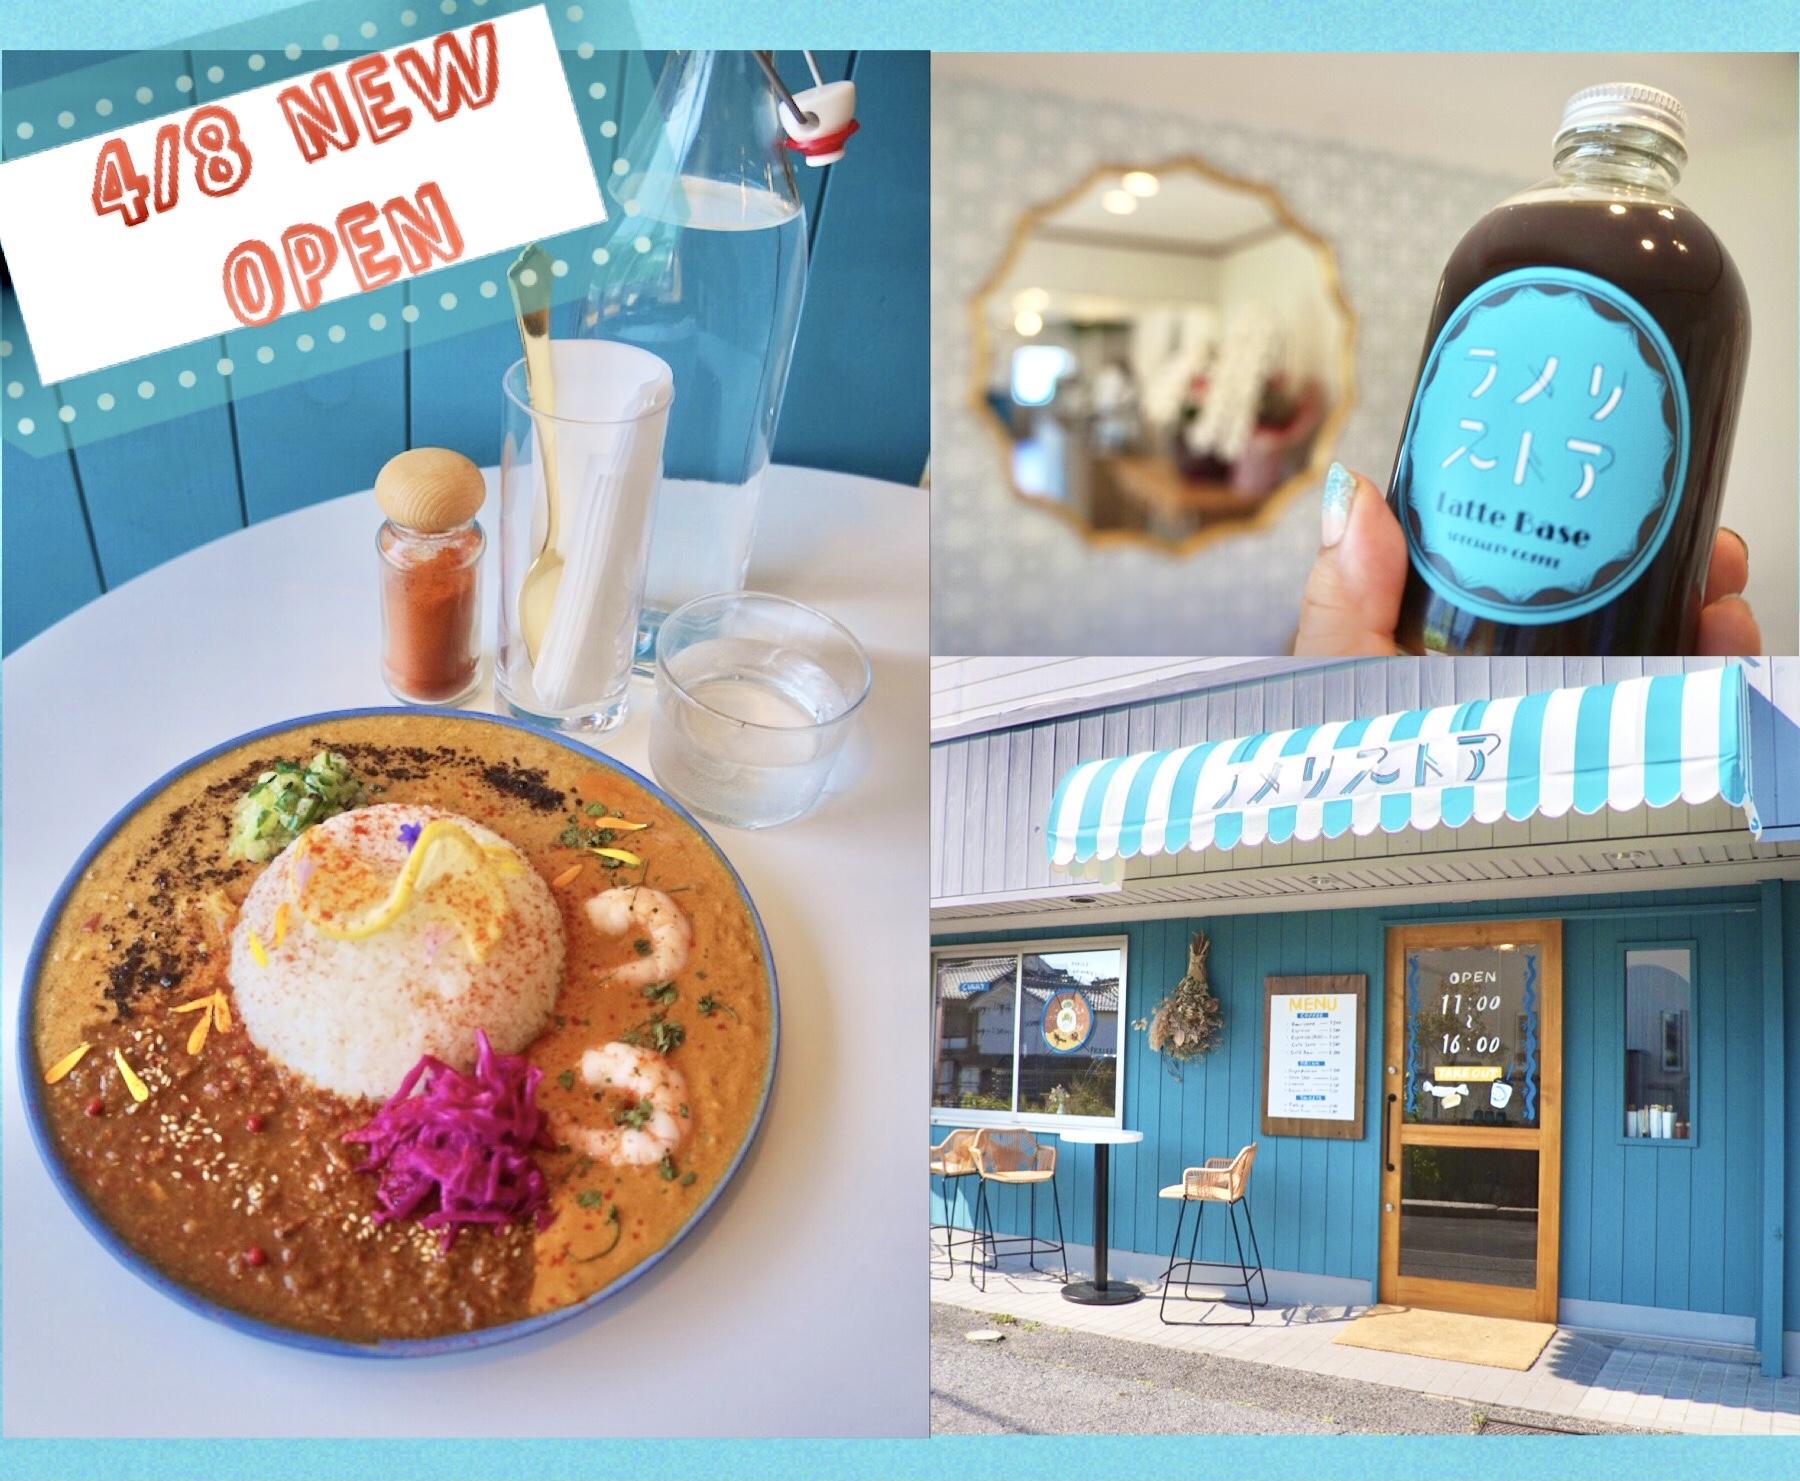 【4/8新店】[ラメリストア]スパイスカレー&コーヒー&スイーツを味わえるカフェ(堅田)